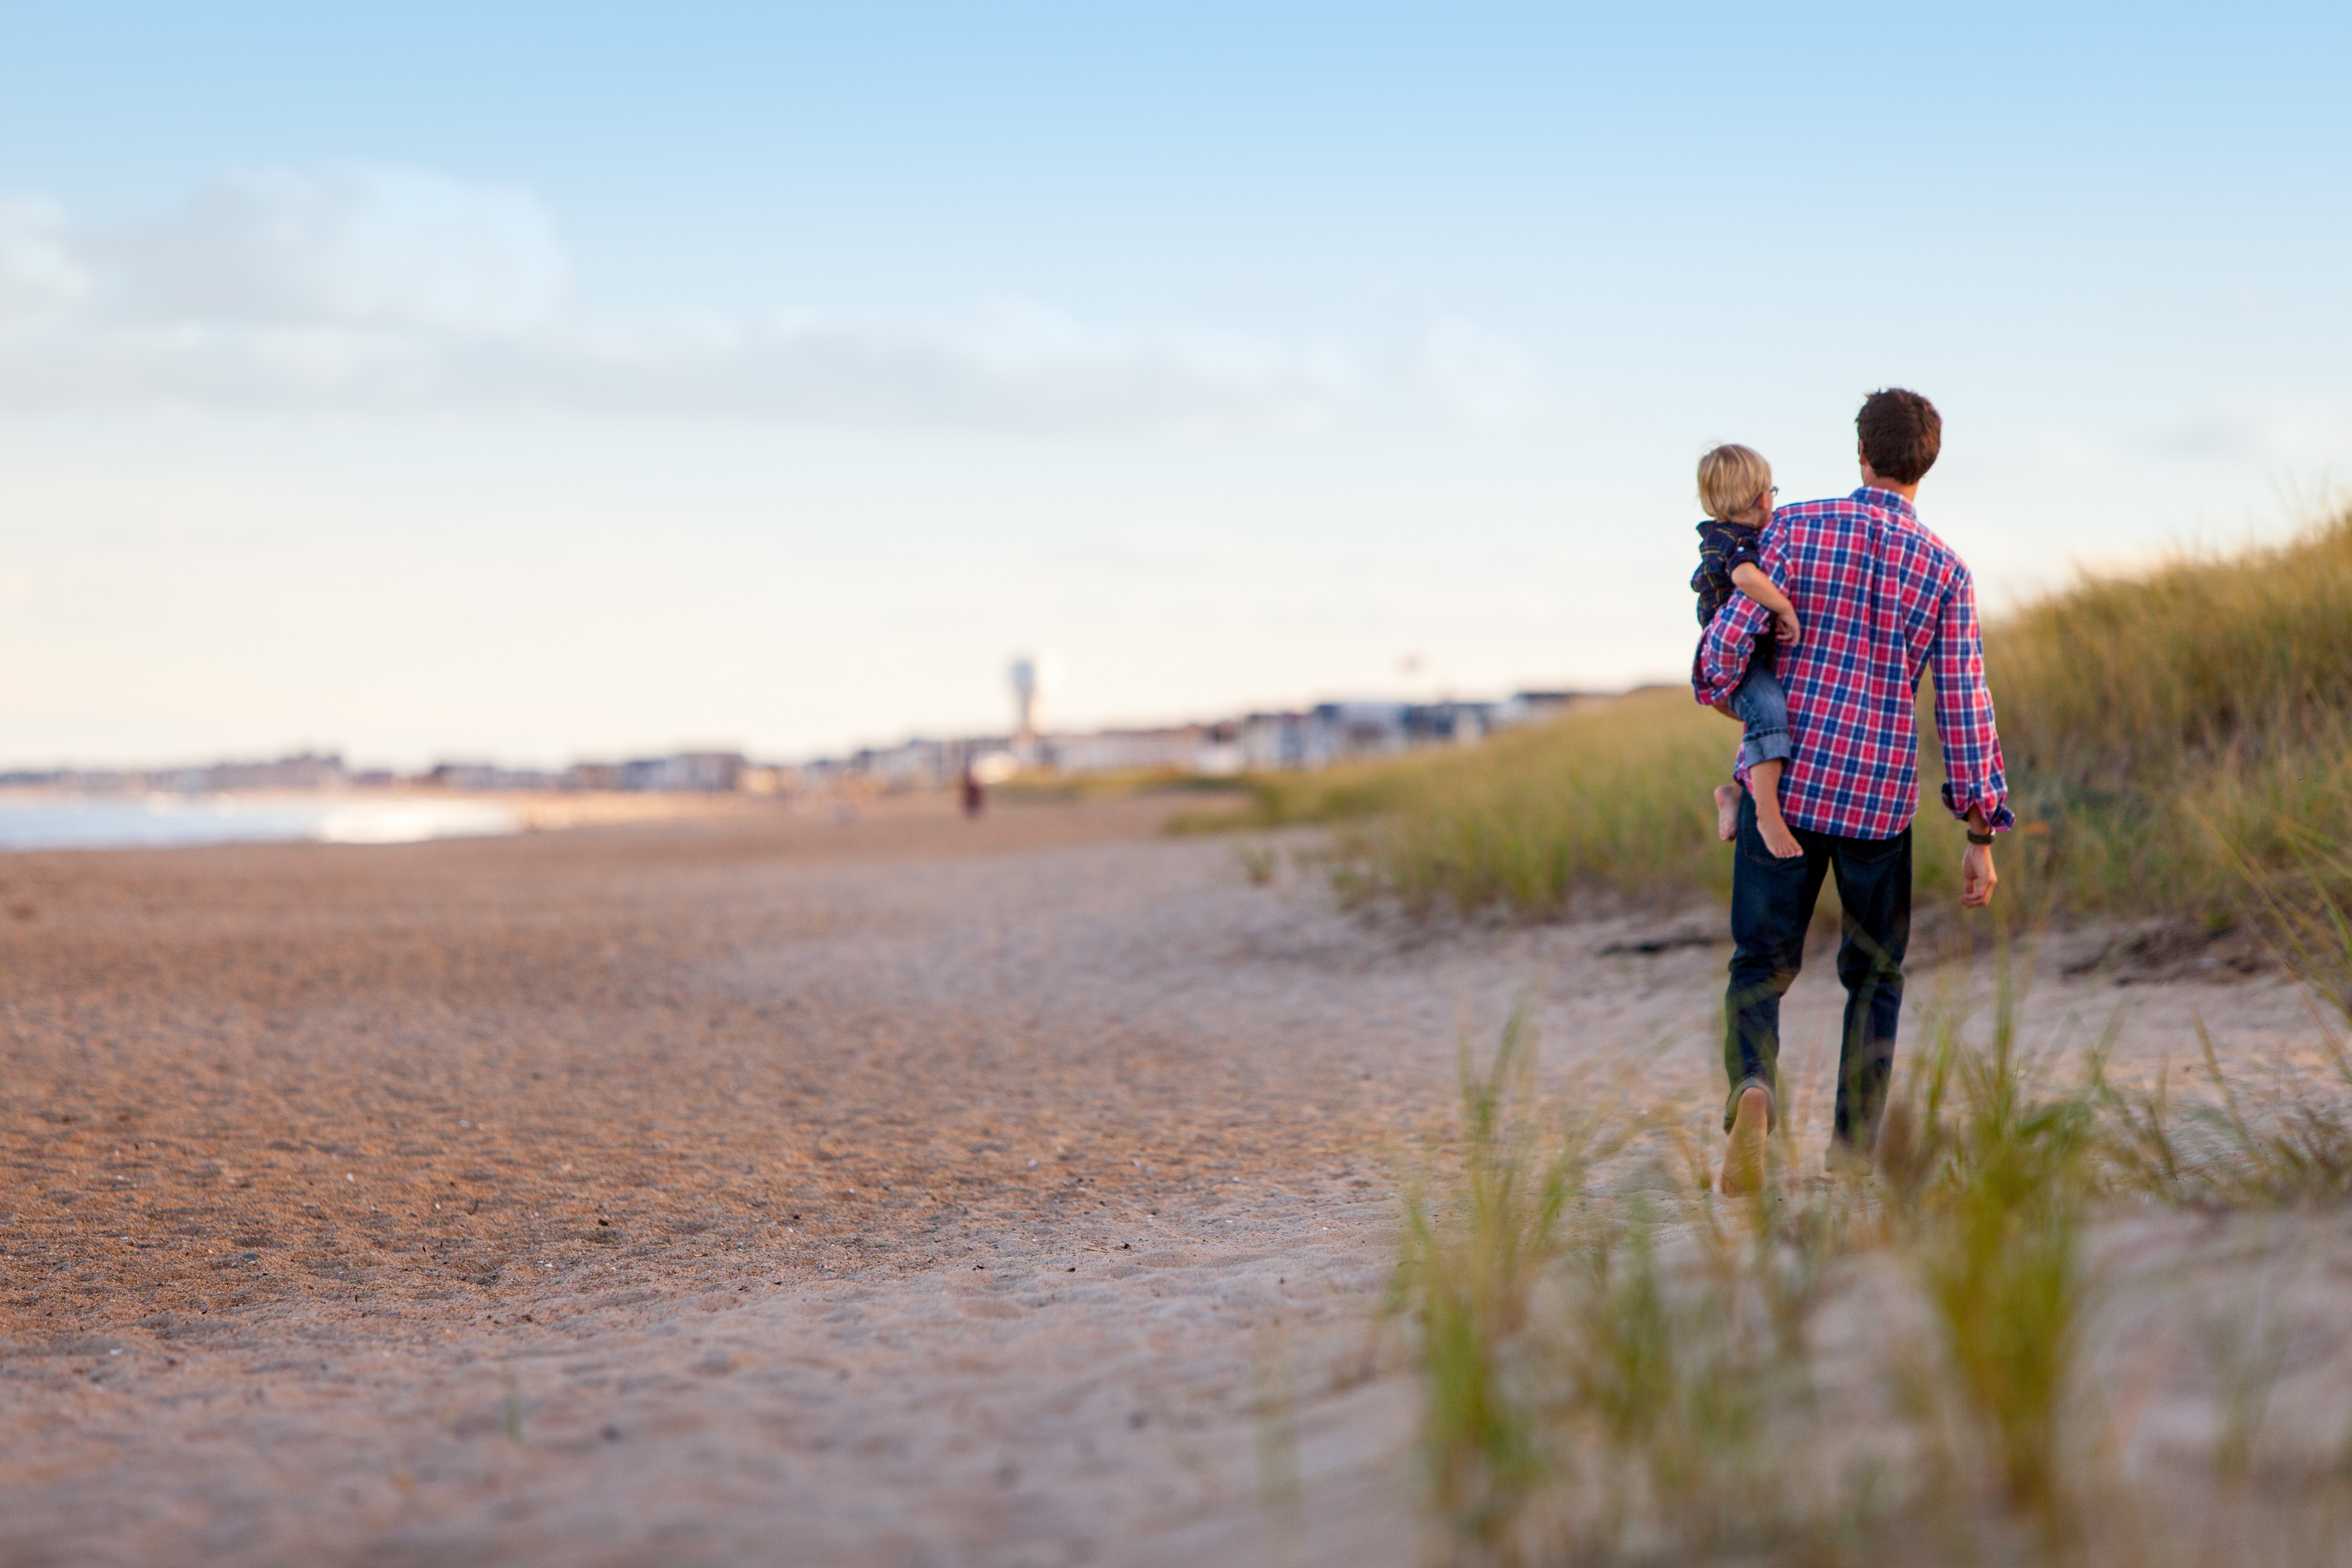 Vakantiegevoel nog even vast te houden - vader met kind op het strand